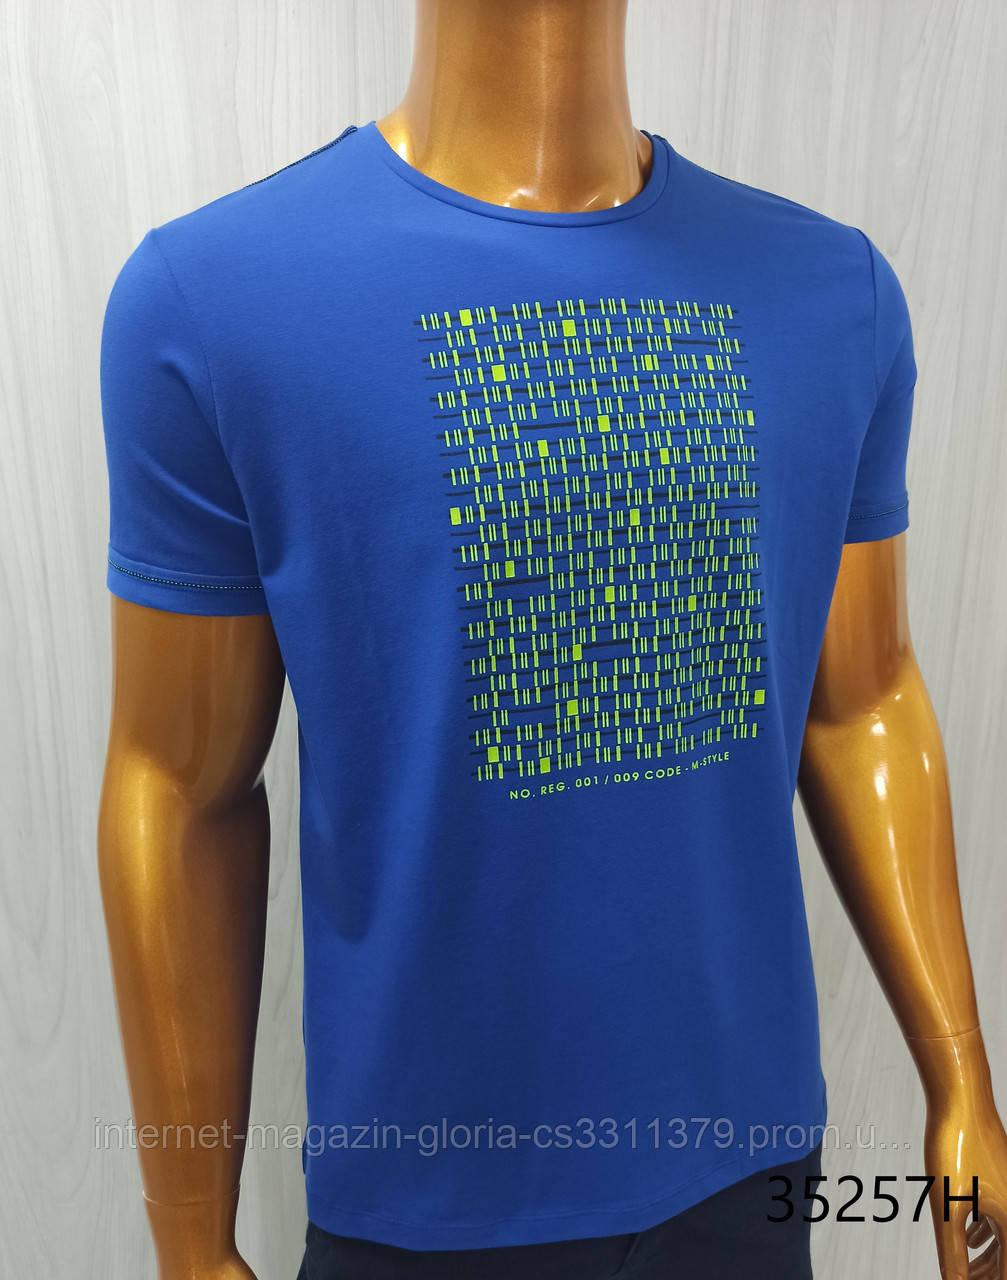 Мужская футболка MCL. Mod.35257. Размеры: M,L,XL,XXL.